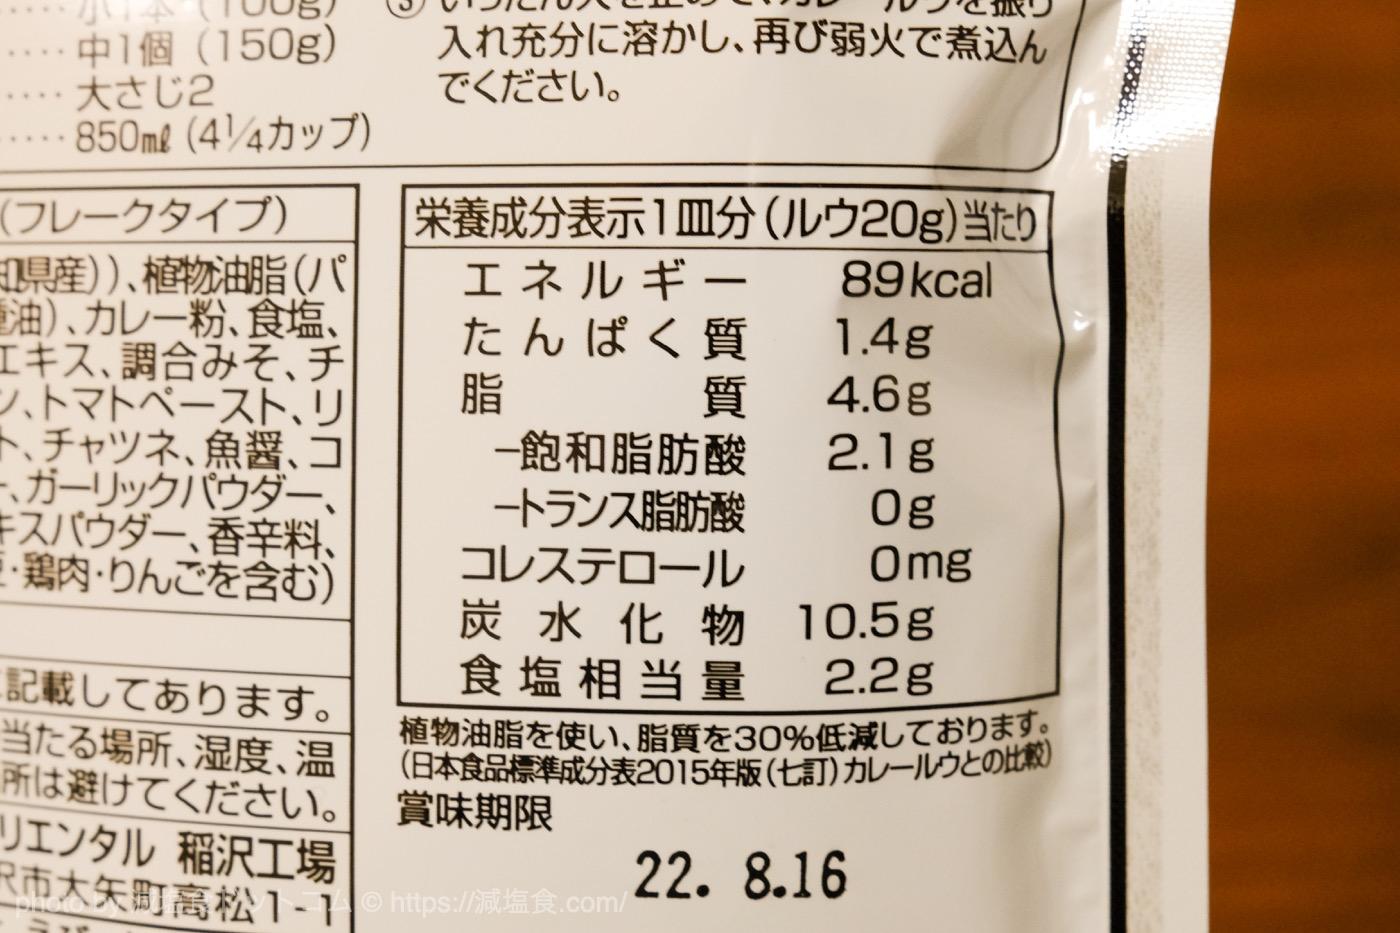 米粉カレールウ 塩分